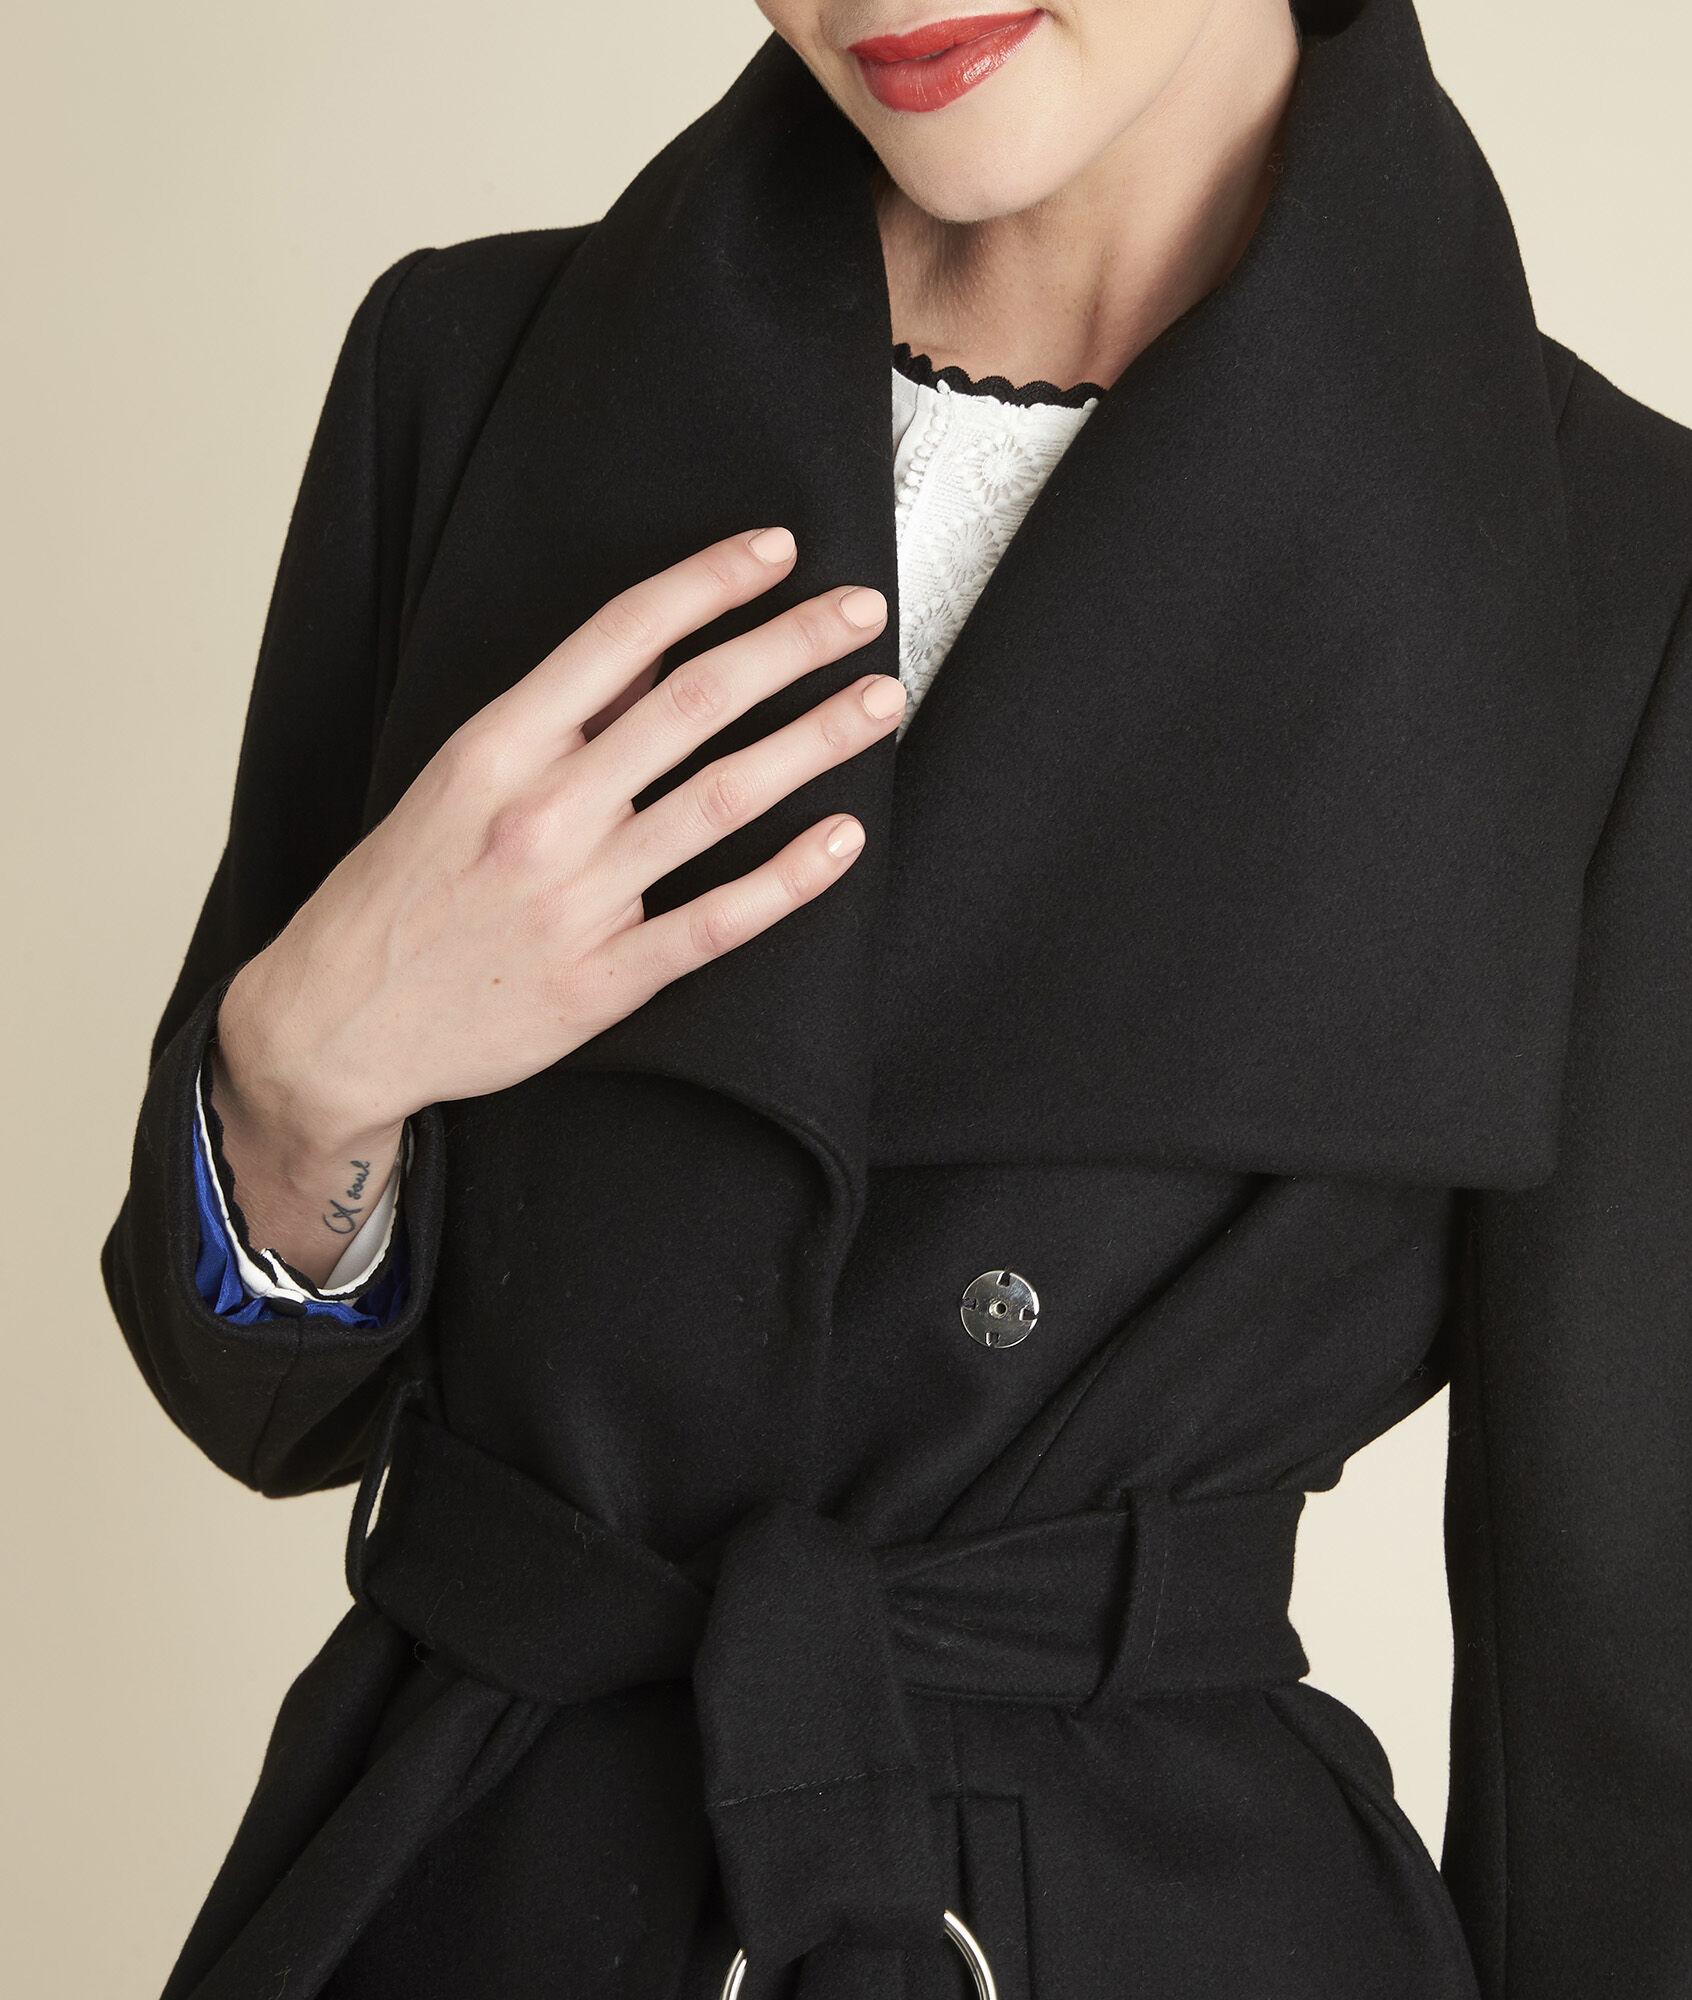 Mantel mit gurtel und schalkragen